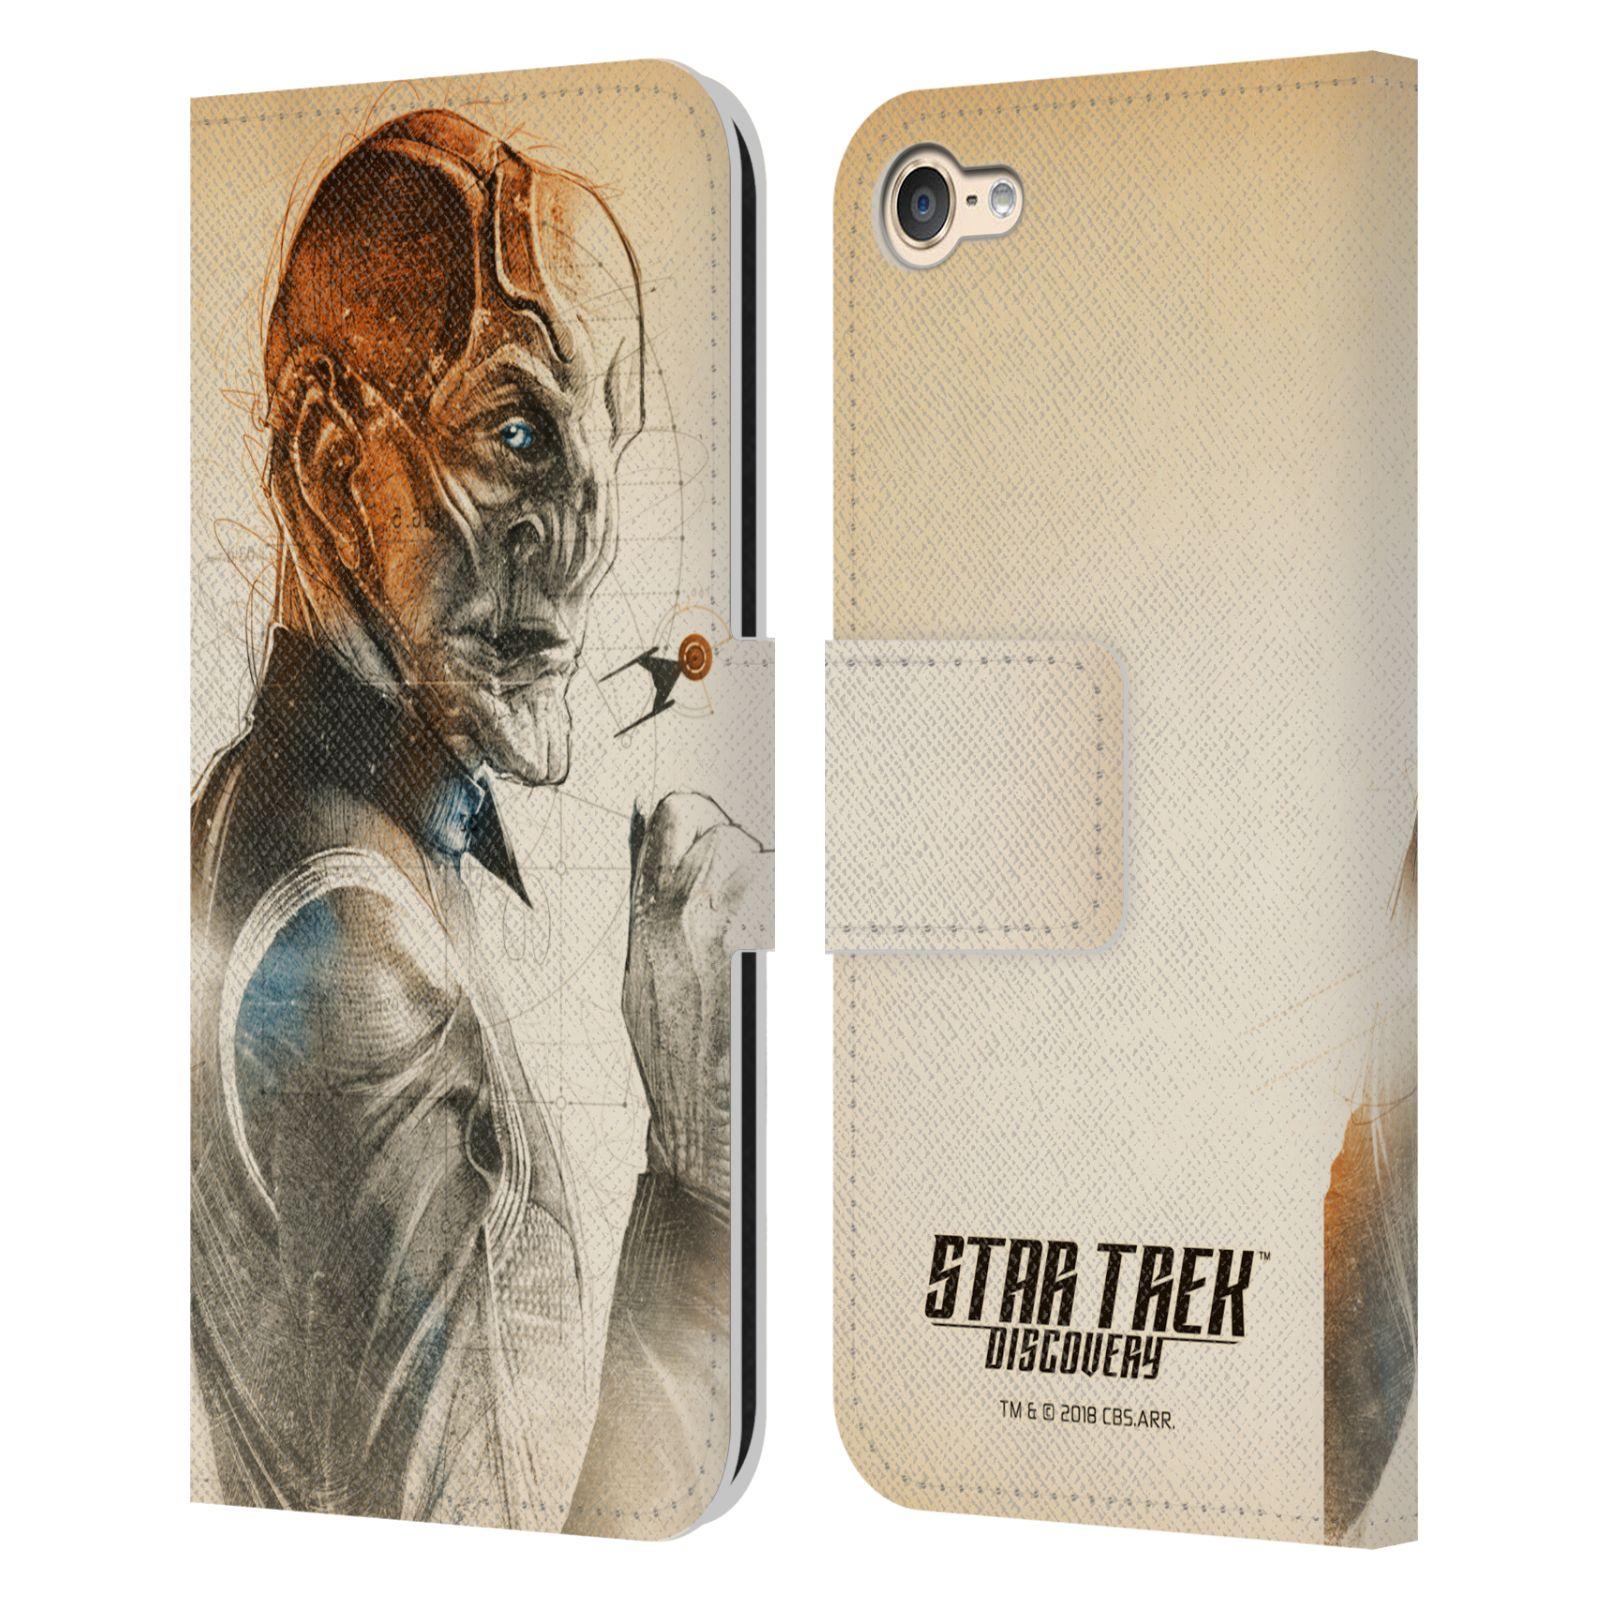 Personajes-de-Star-Trek-descubrimiento-Grunge-Cuero-Libro-Caso-para-Apple-iPod-Touch-MP3